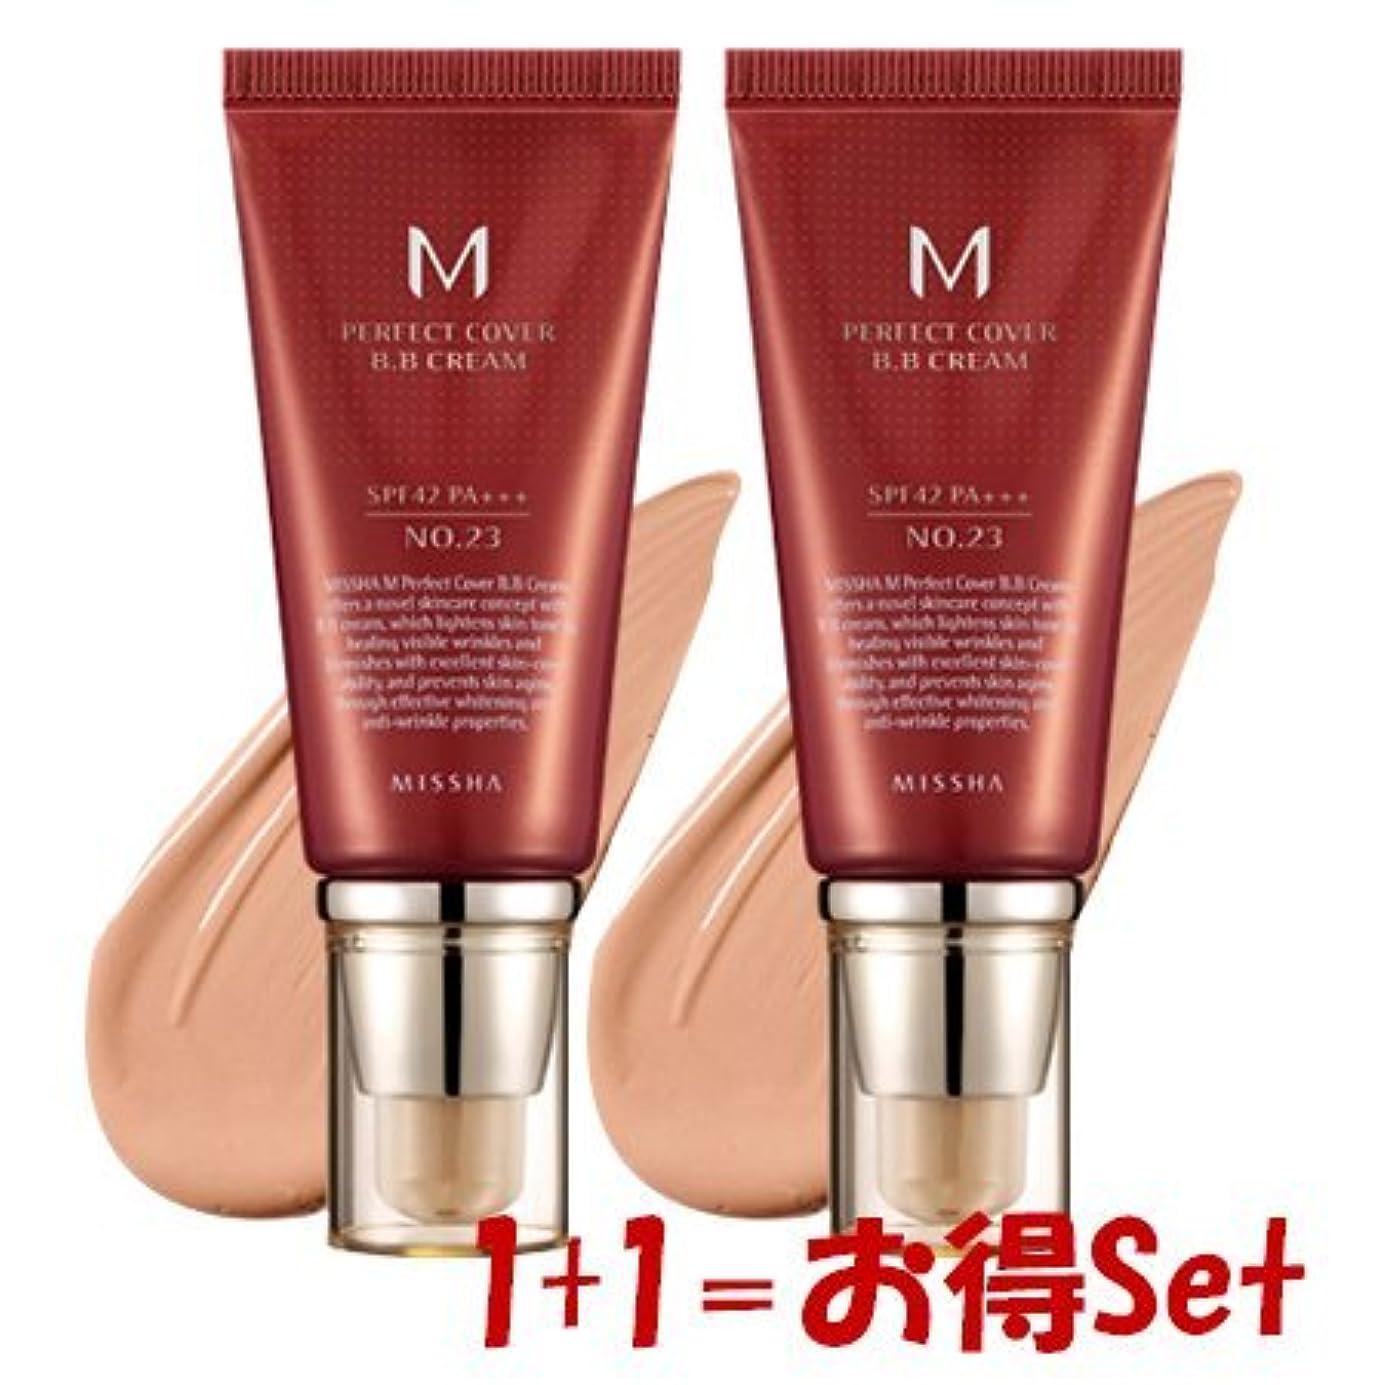 太字ナイトスポット公爵夫人MISSHA(ミシャ) M Perfect Cover パーフェクトカバーBBクリーム 23号+23号(1+1=お得Set)